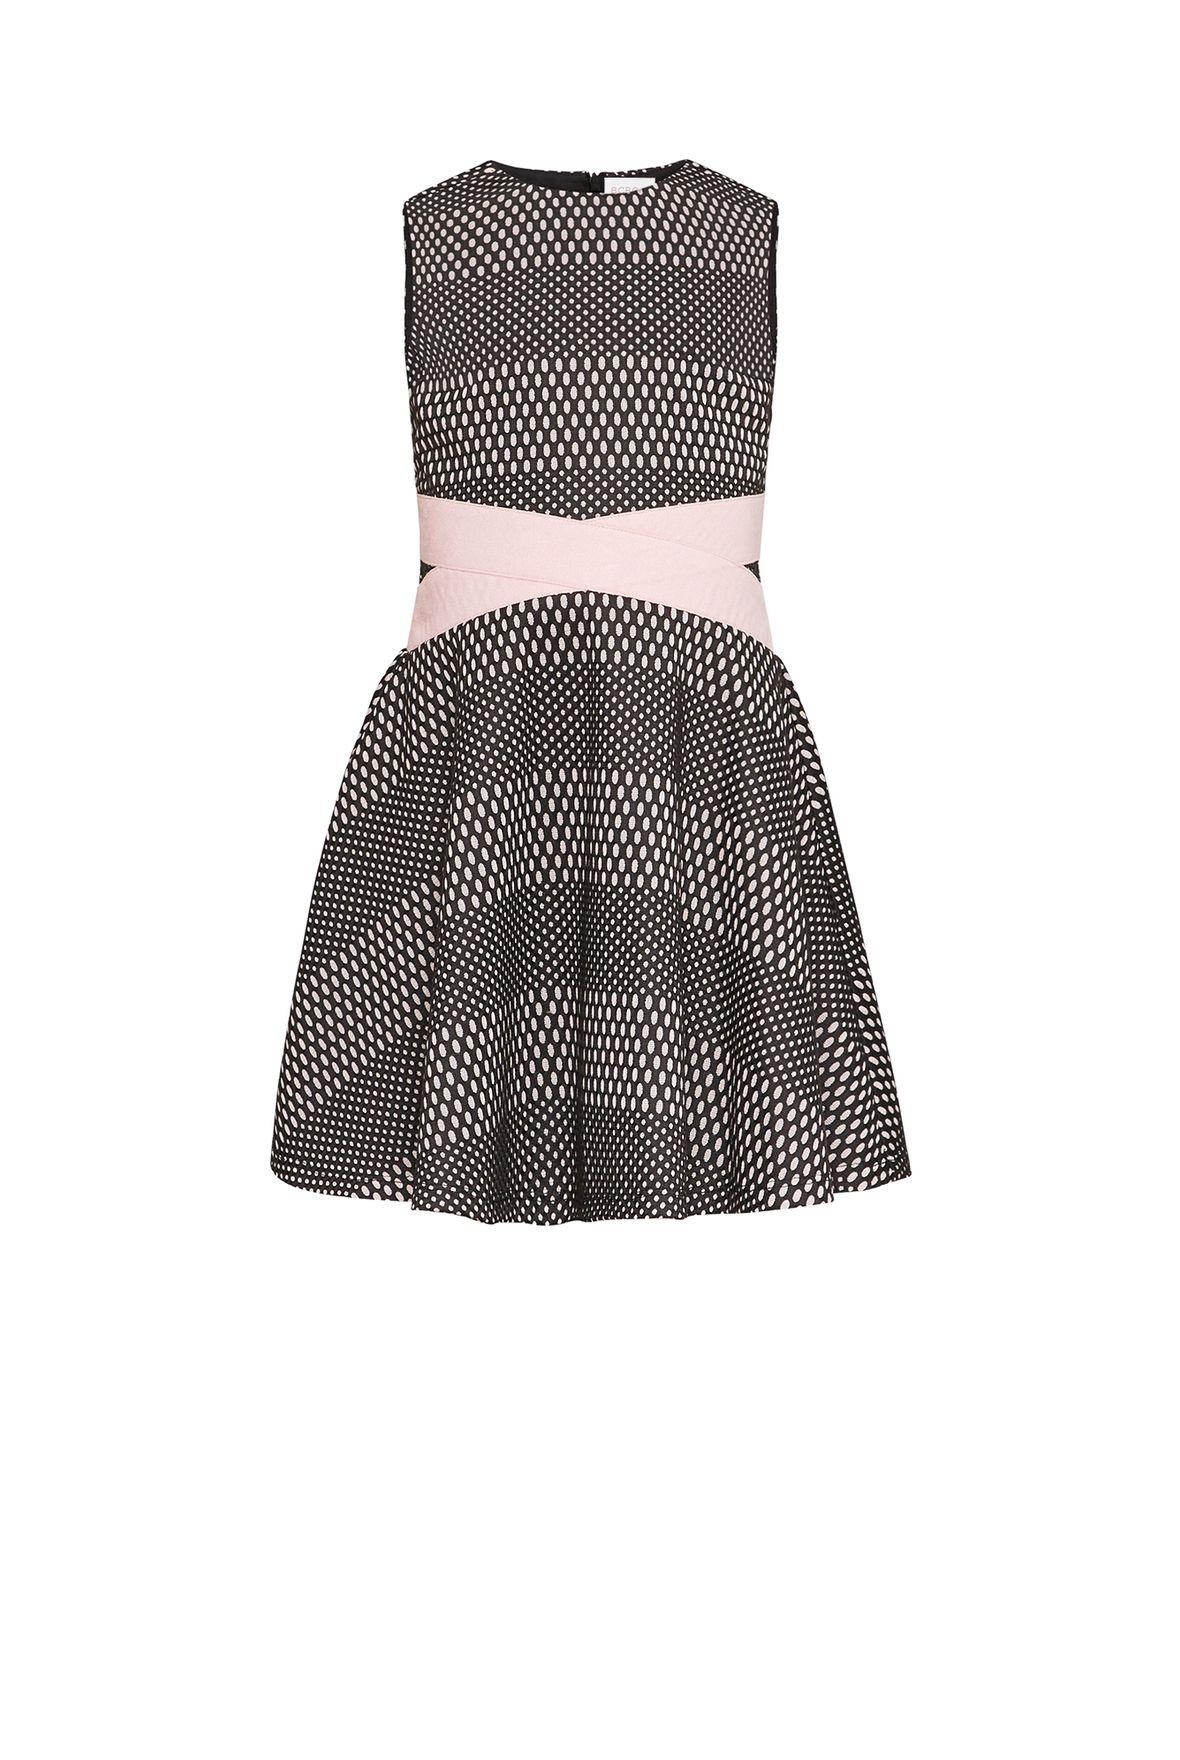 Vestido-BCBGirls-negro-con-lazo-rosa-B638DR186_BLK_e